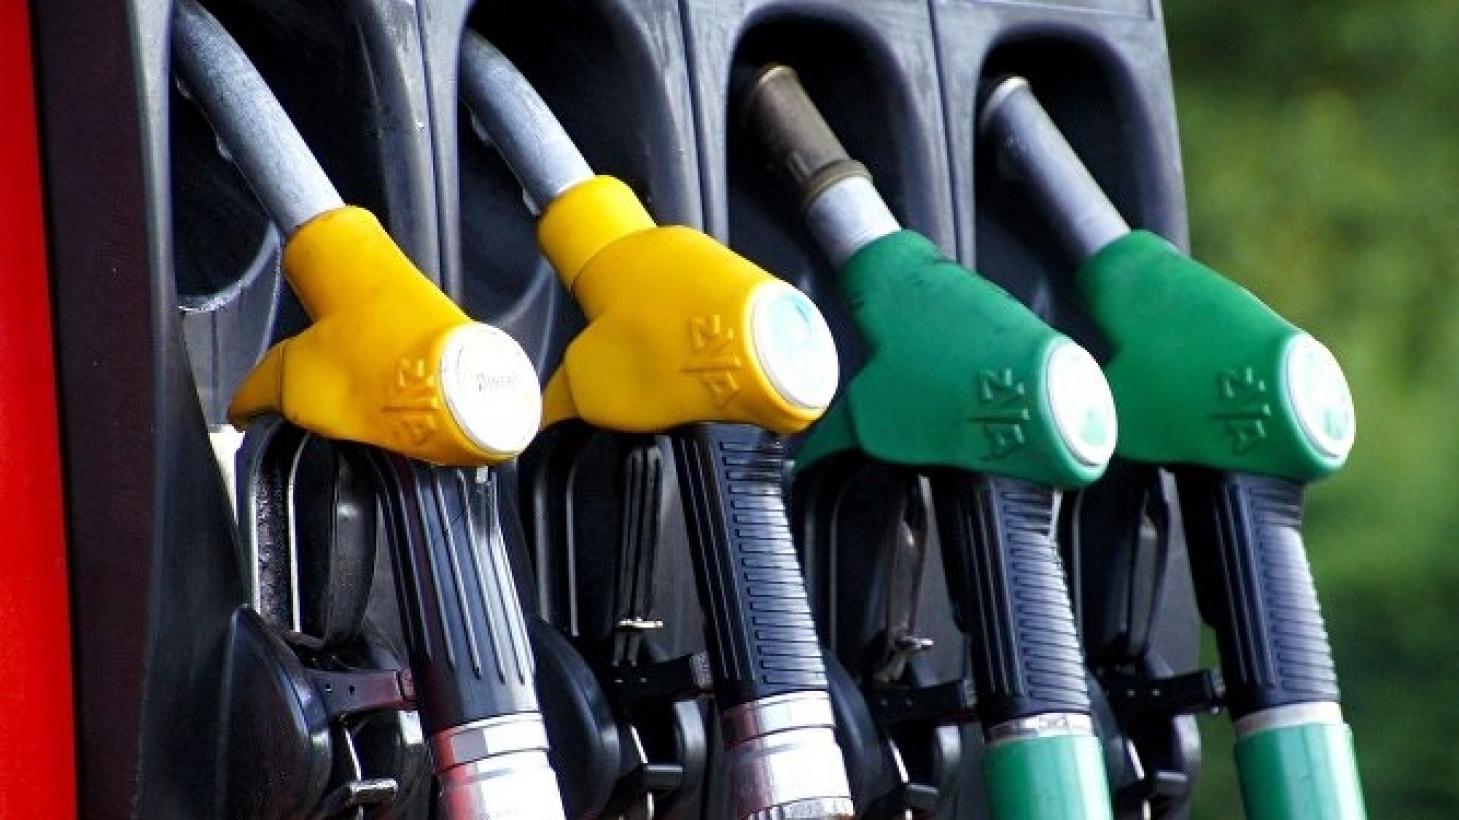 Автогазозаправочные станции Мангистауской области за повышение цен на газ обещают штрафовать